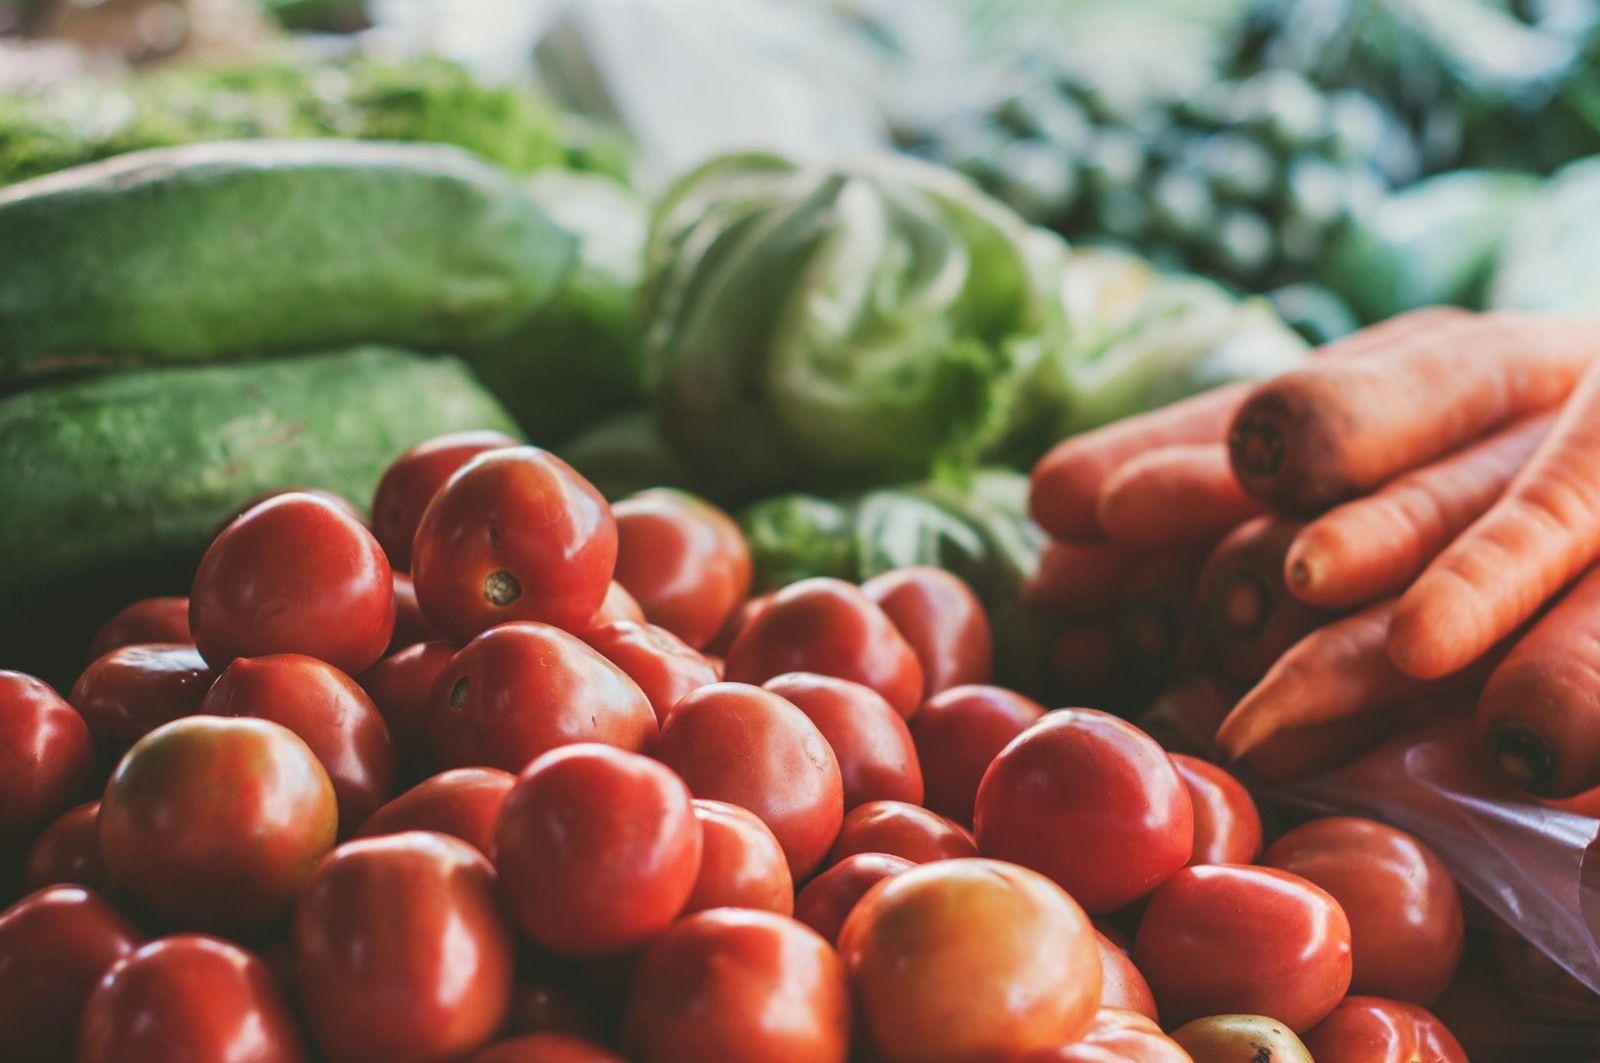 En bio, l'eau est moins gaspillée qu'en conventionnel, les pertes par ruissellement et par lessivage étant moindres. Par ailleurs, en grande culture, l'irrigation est moins souvent pratiquée. Enfin, les consommateurs bio changent leurs habitudes alimentaires. Une étude récente – Bionutrinet - a conclut que les consommateurs bio réguliers mangeaient 35% de viande et de charcuterie en moins que les non consommateurs. Or, la production de viande utilise des quantités d'eau considérables, contrairement aux productions végétales.